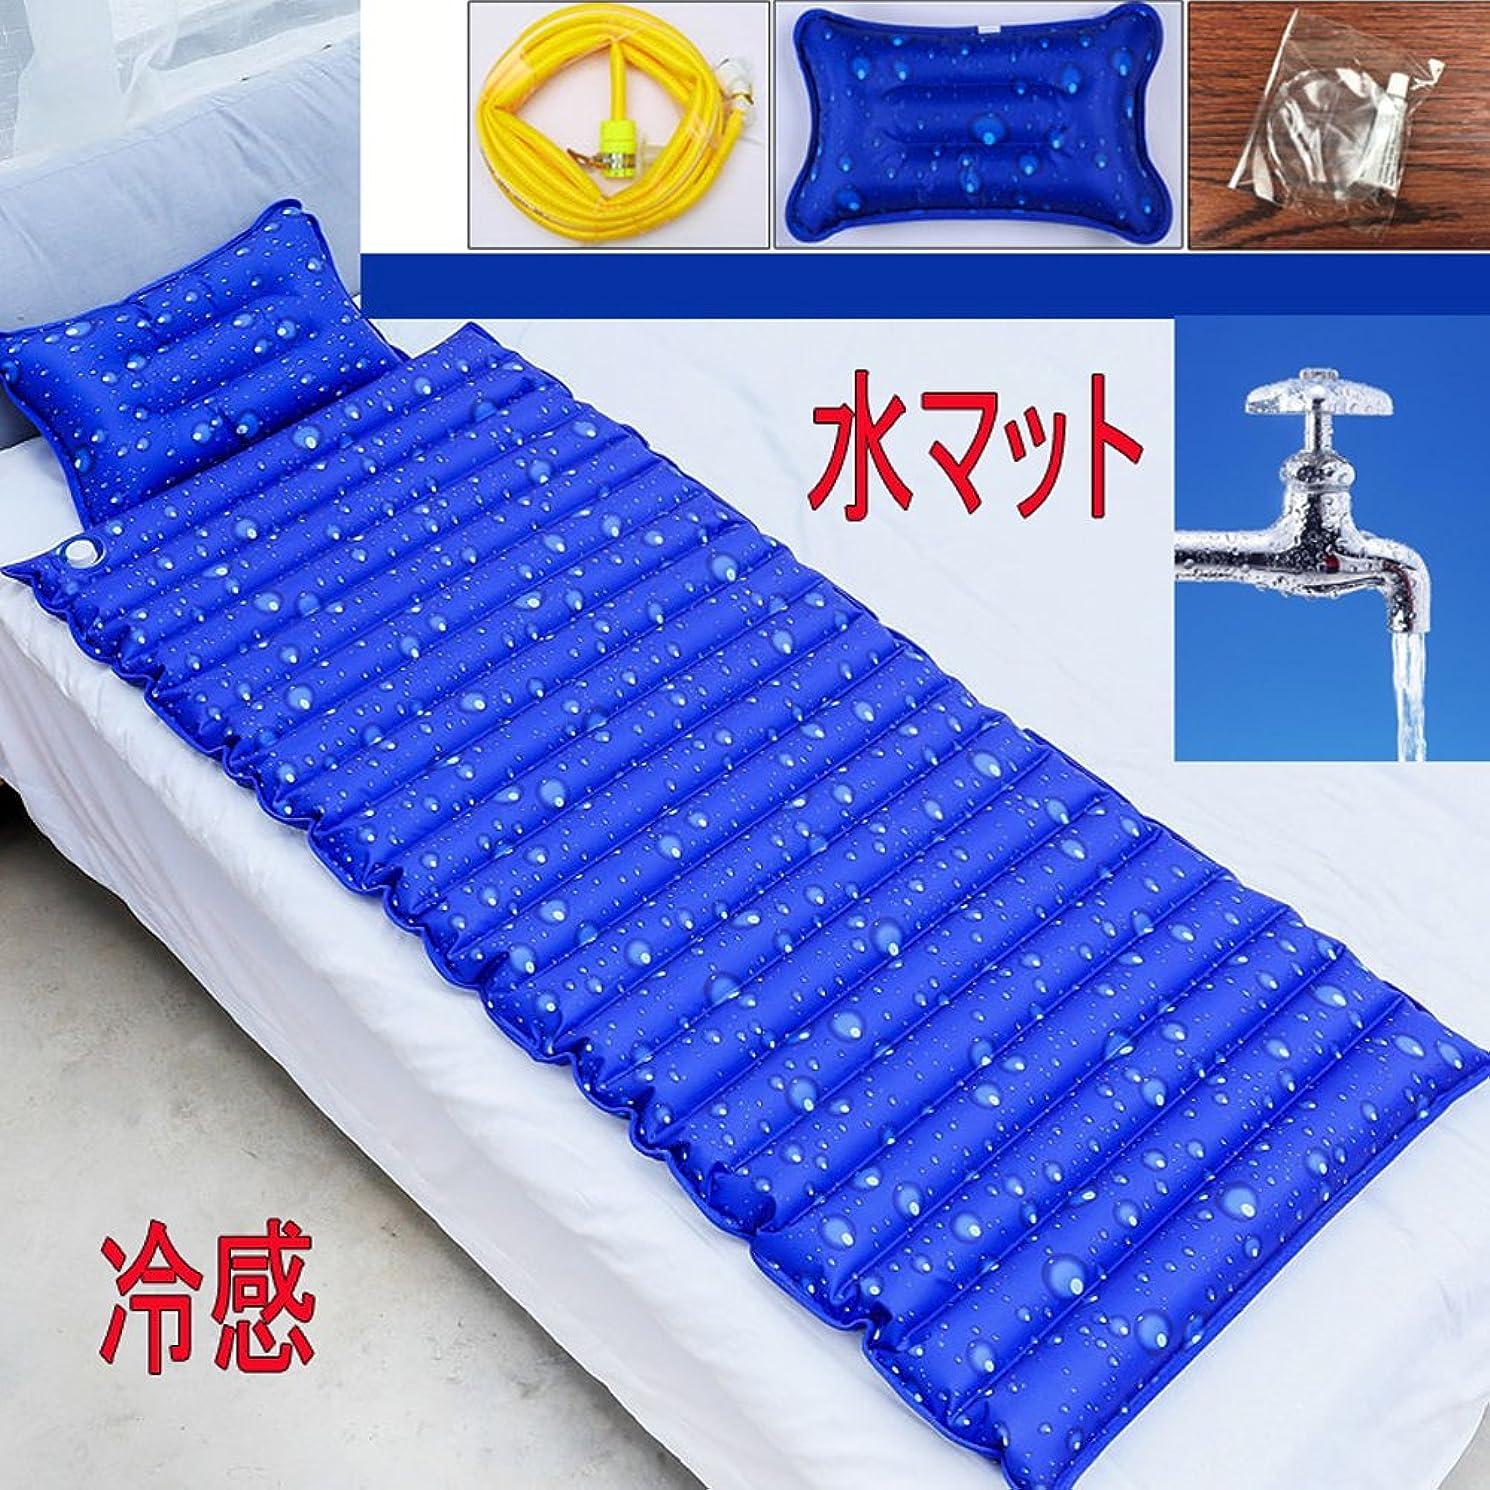 物理的な可能性事前dodmimat冷感ベッドマット 水パッド 注水クッション クールウォーターパッド 冷却パット 冷感敷き ウォーターパット クールパッド エアベッド 水ベッド